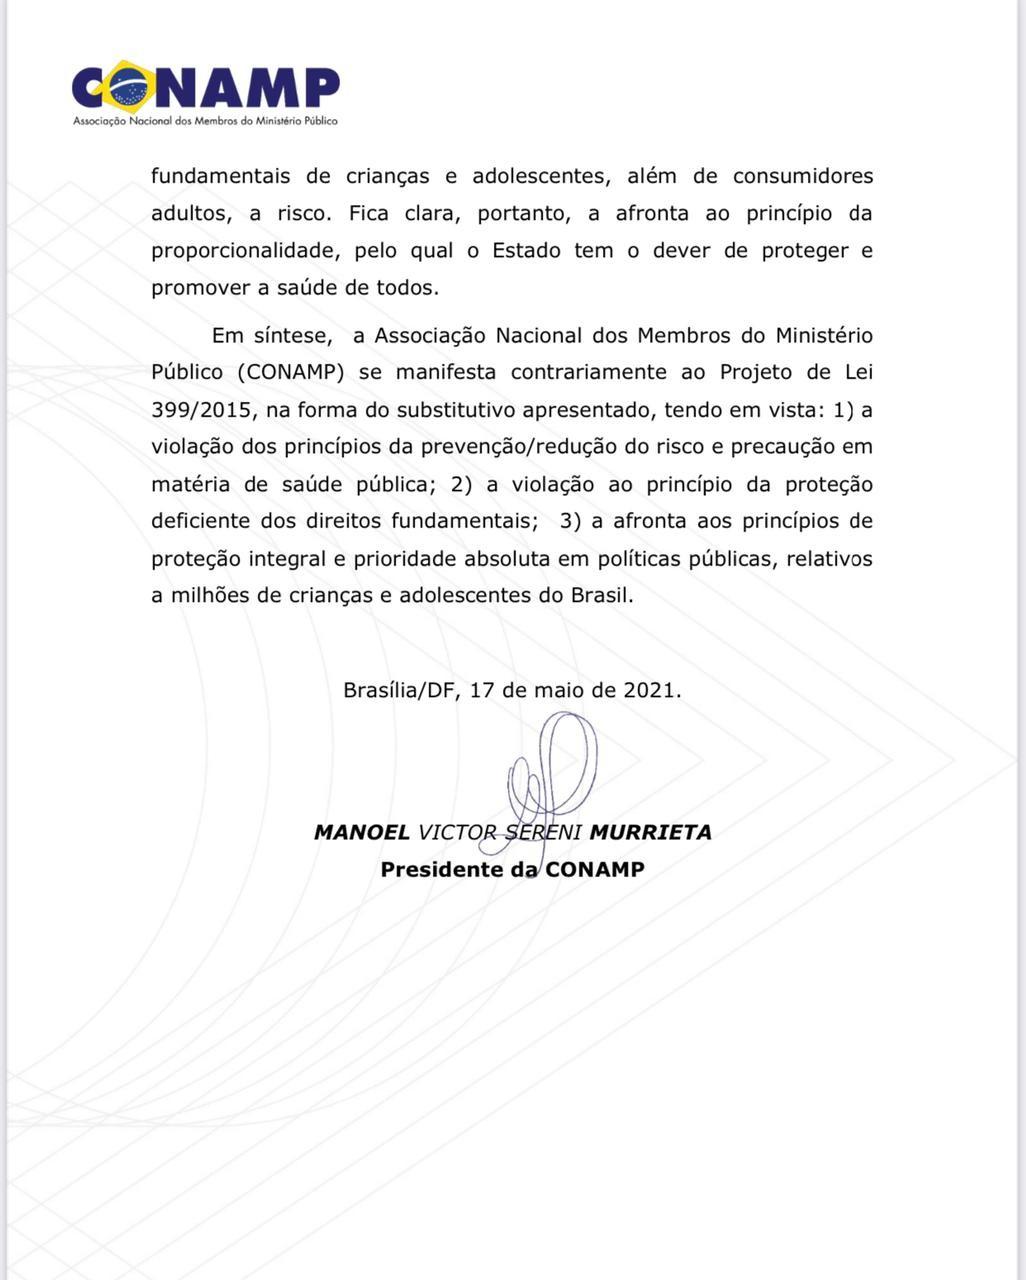 A Associação Nacional dos Membros do Ministério Público, presidida por Manoel Victor Sereni Murrieta, opinou contra remédios a base de  canabidiol